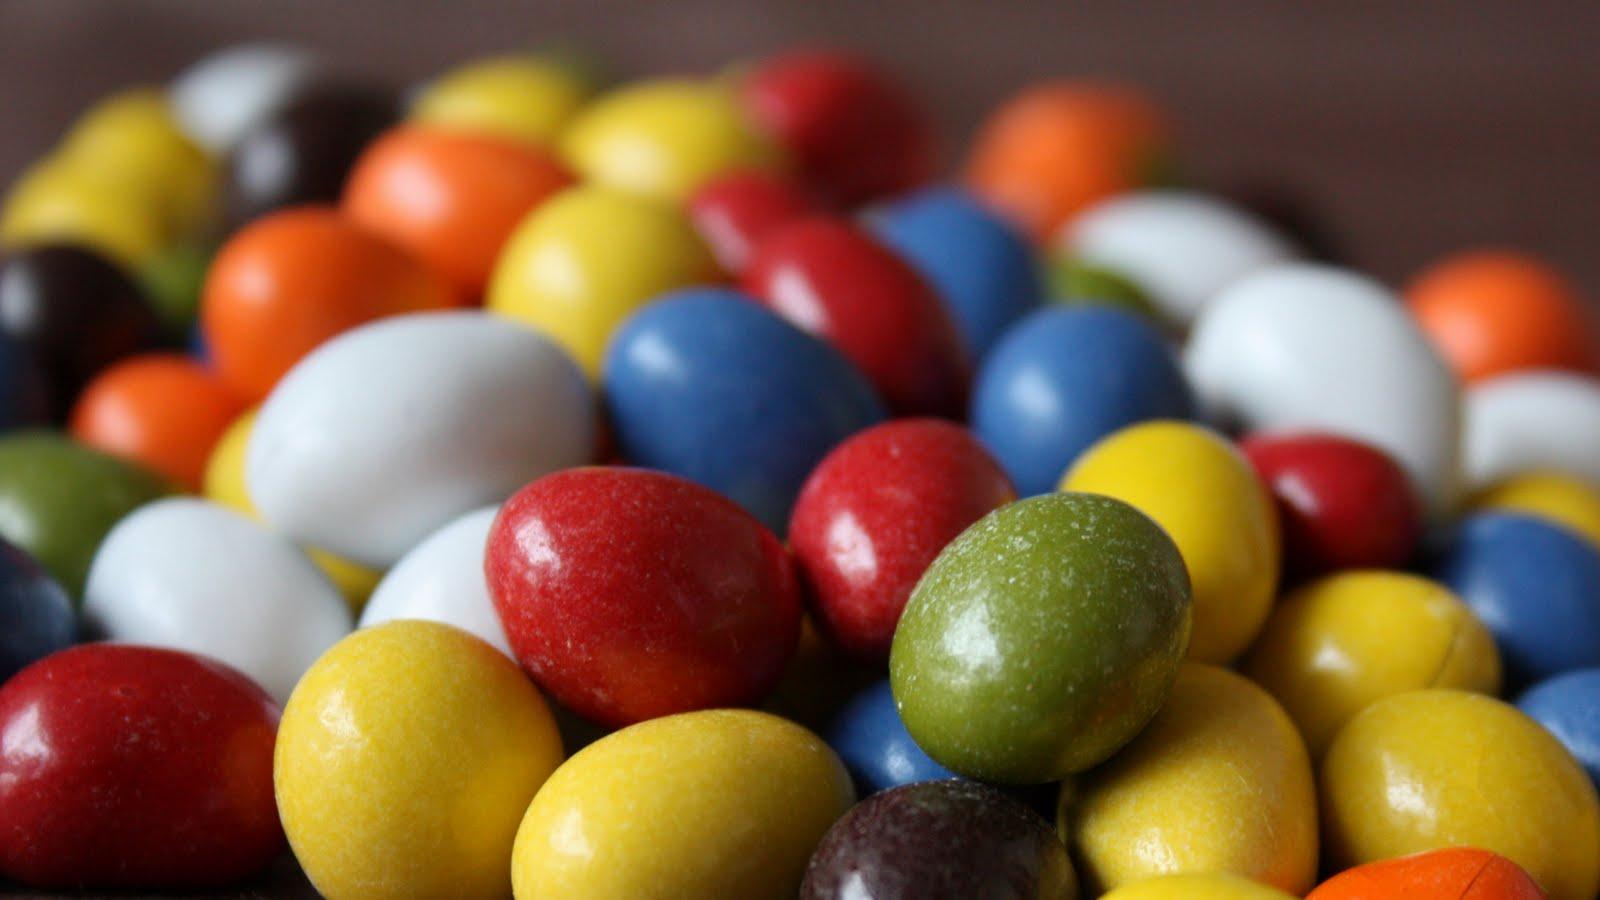 http://4.bp.blogspot.com/_TyBYcMuuP2E/TSoTDHfLPgI/AAAAAAAAOv0/iUsVIQg-LWc/s1600/entrada%2Bcolores%2B14.jpg